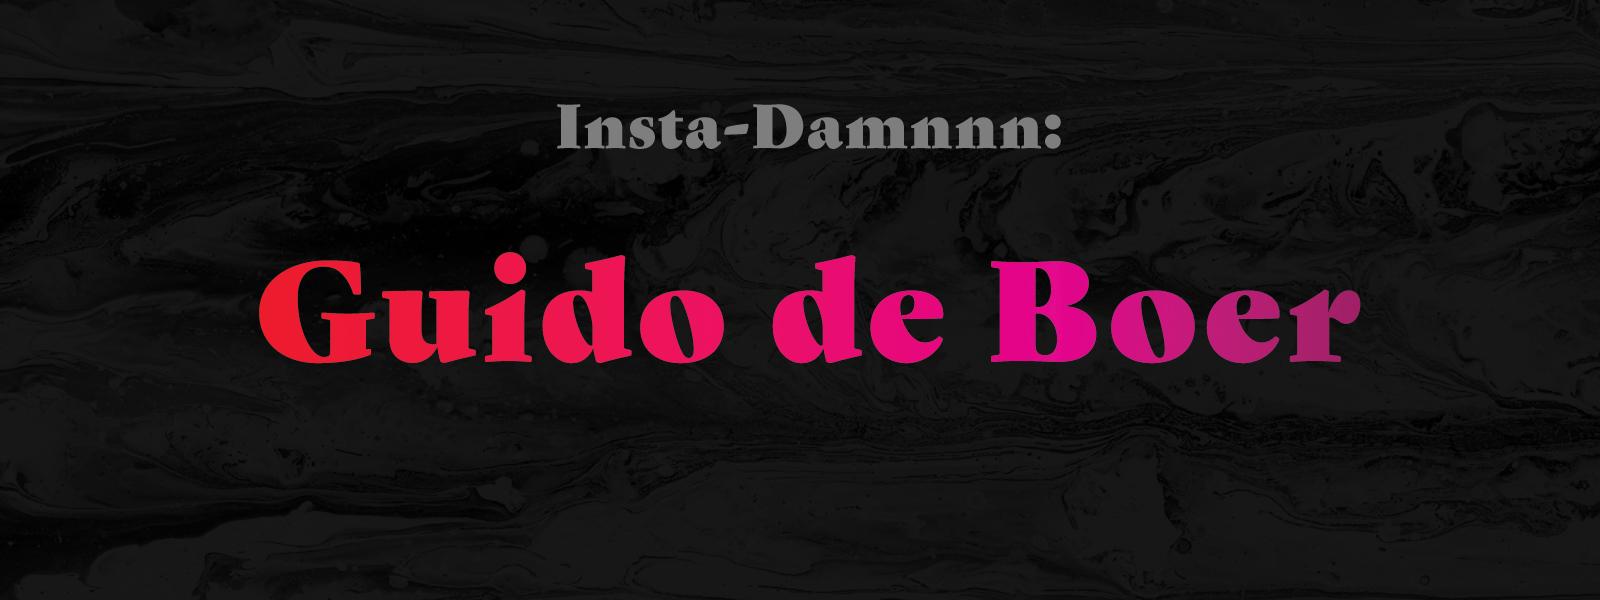 171101_Guido-Hero.jpg